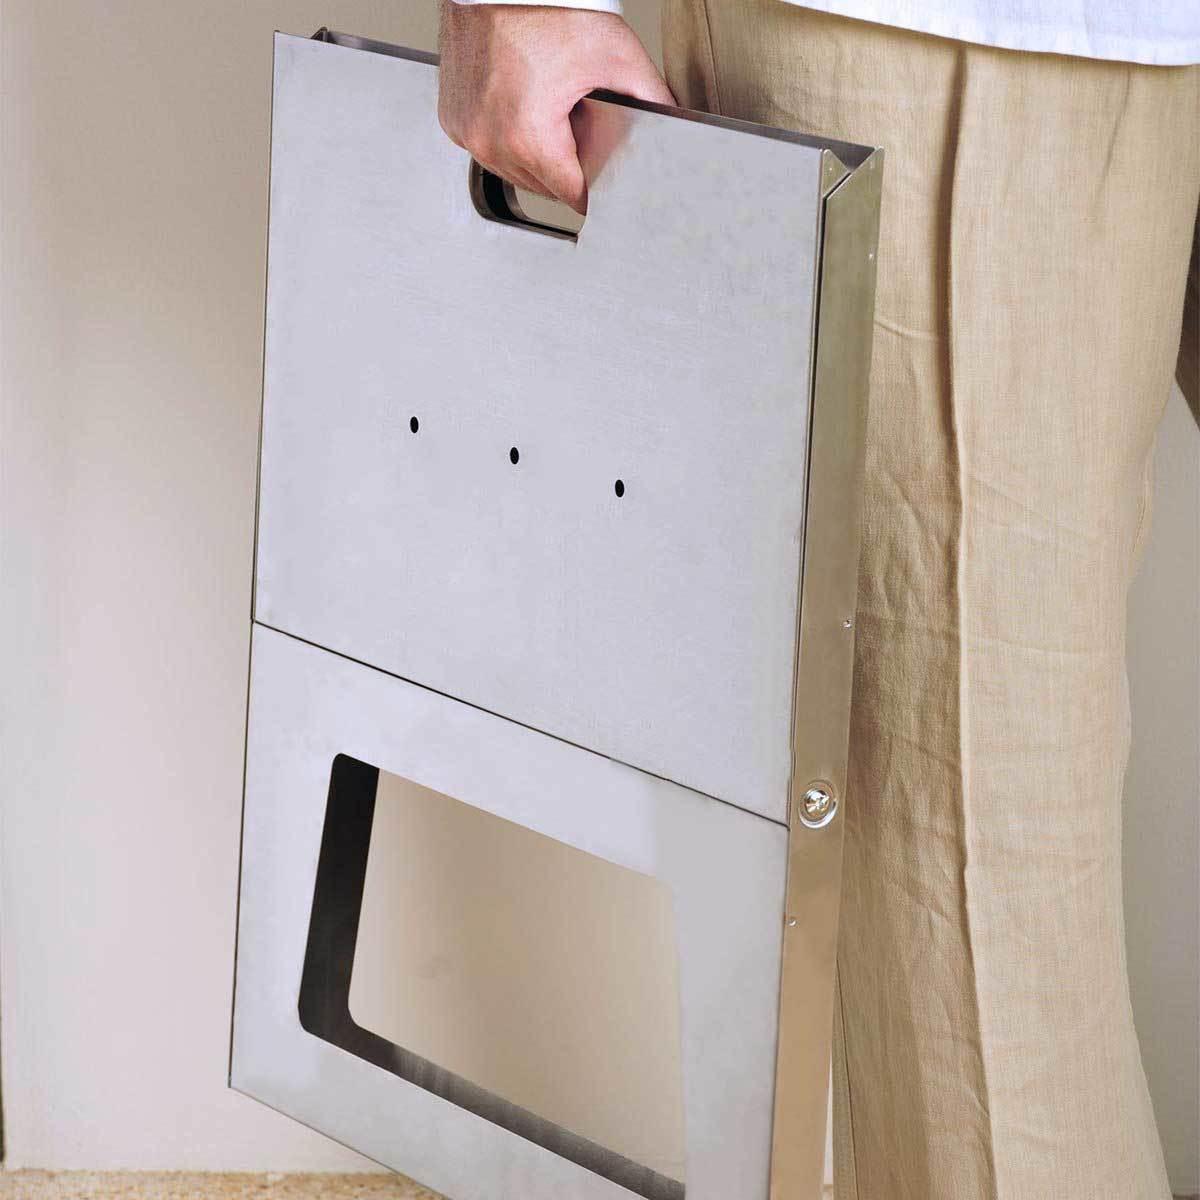 薄さ3cmのバーベキューグリル|折り畳めるから、収納も持ち運びもラク